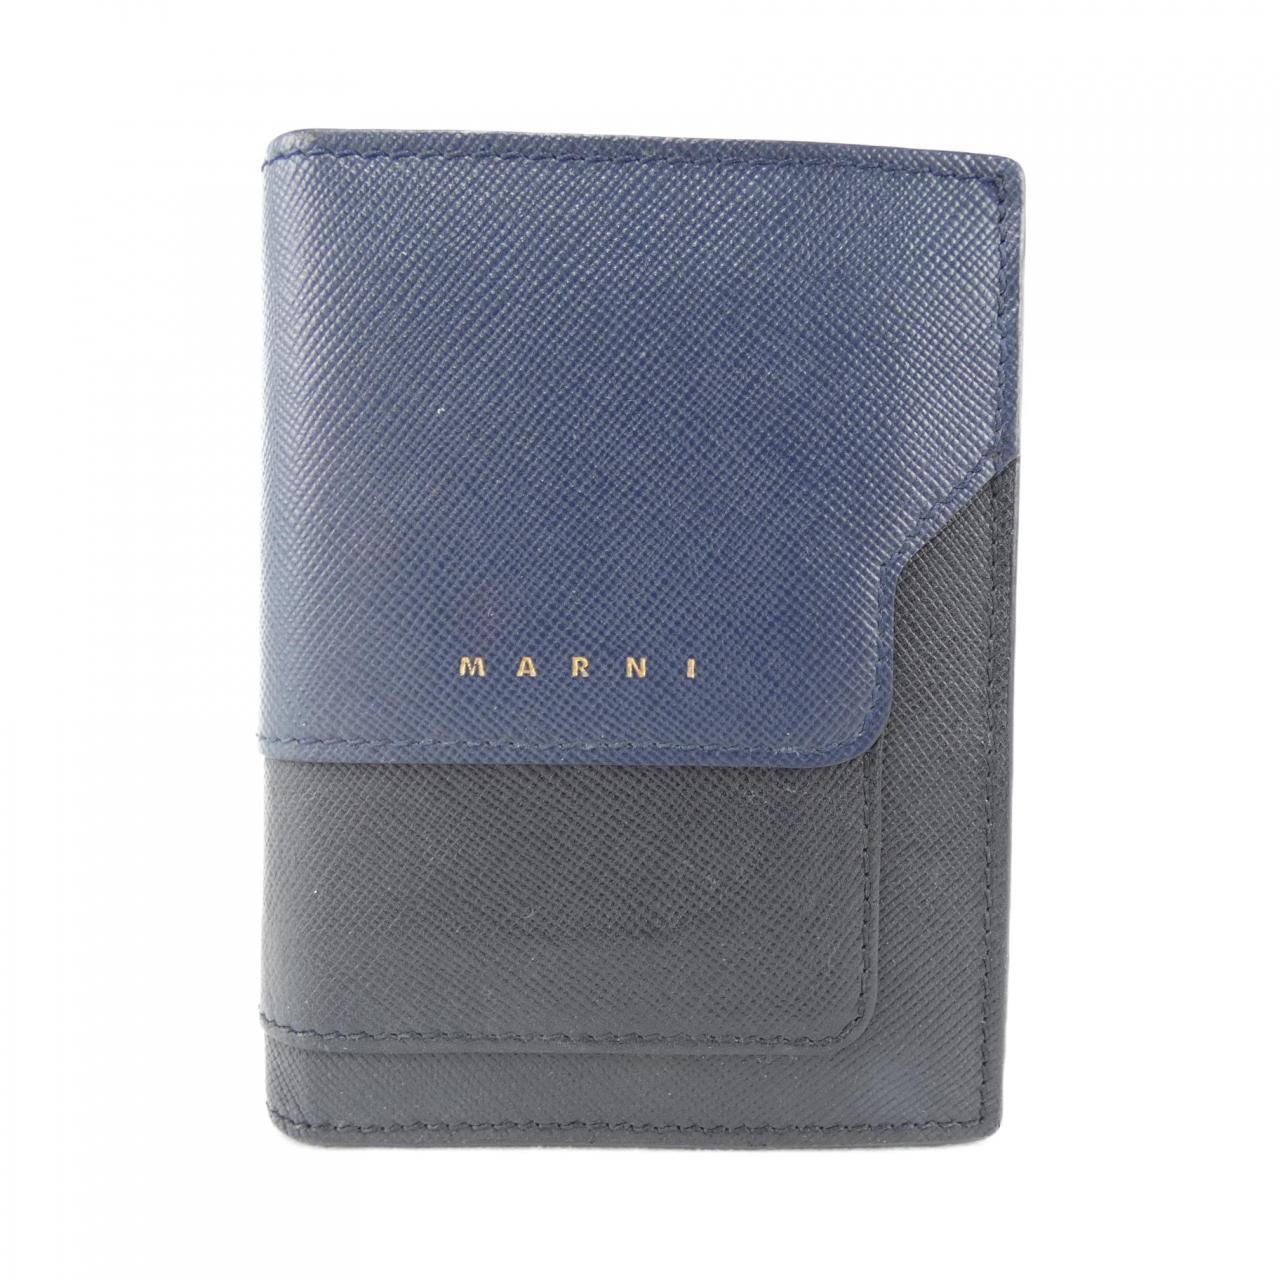 ブルー×ネイビーュの二つ折り財布